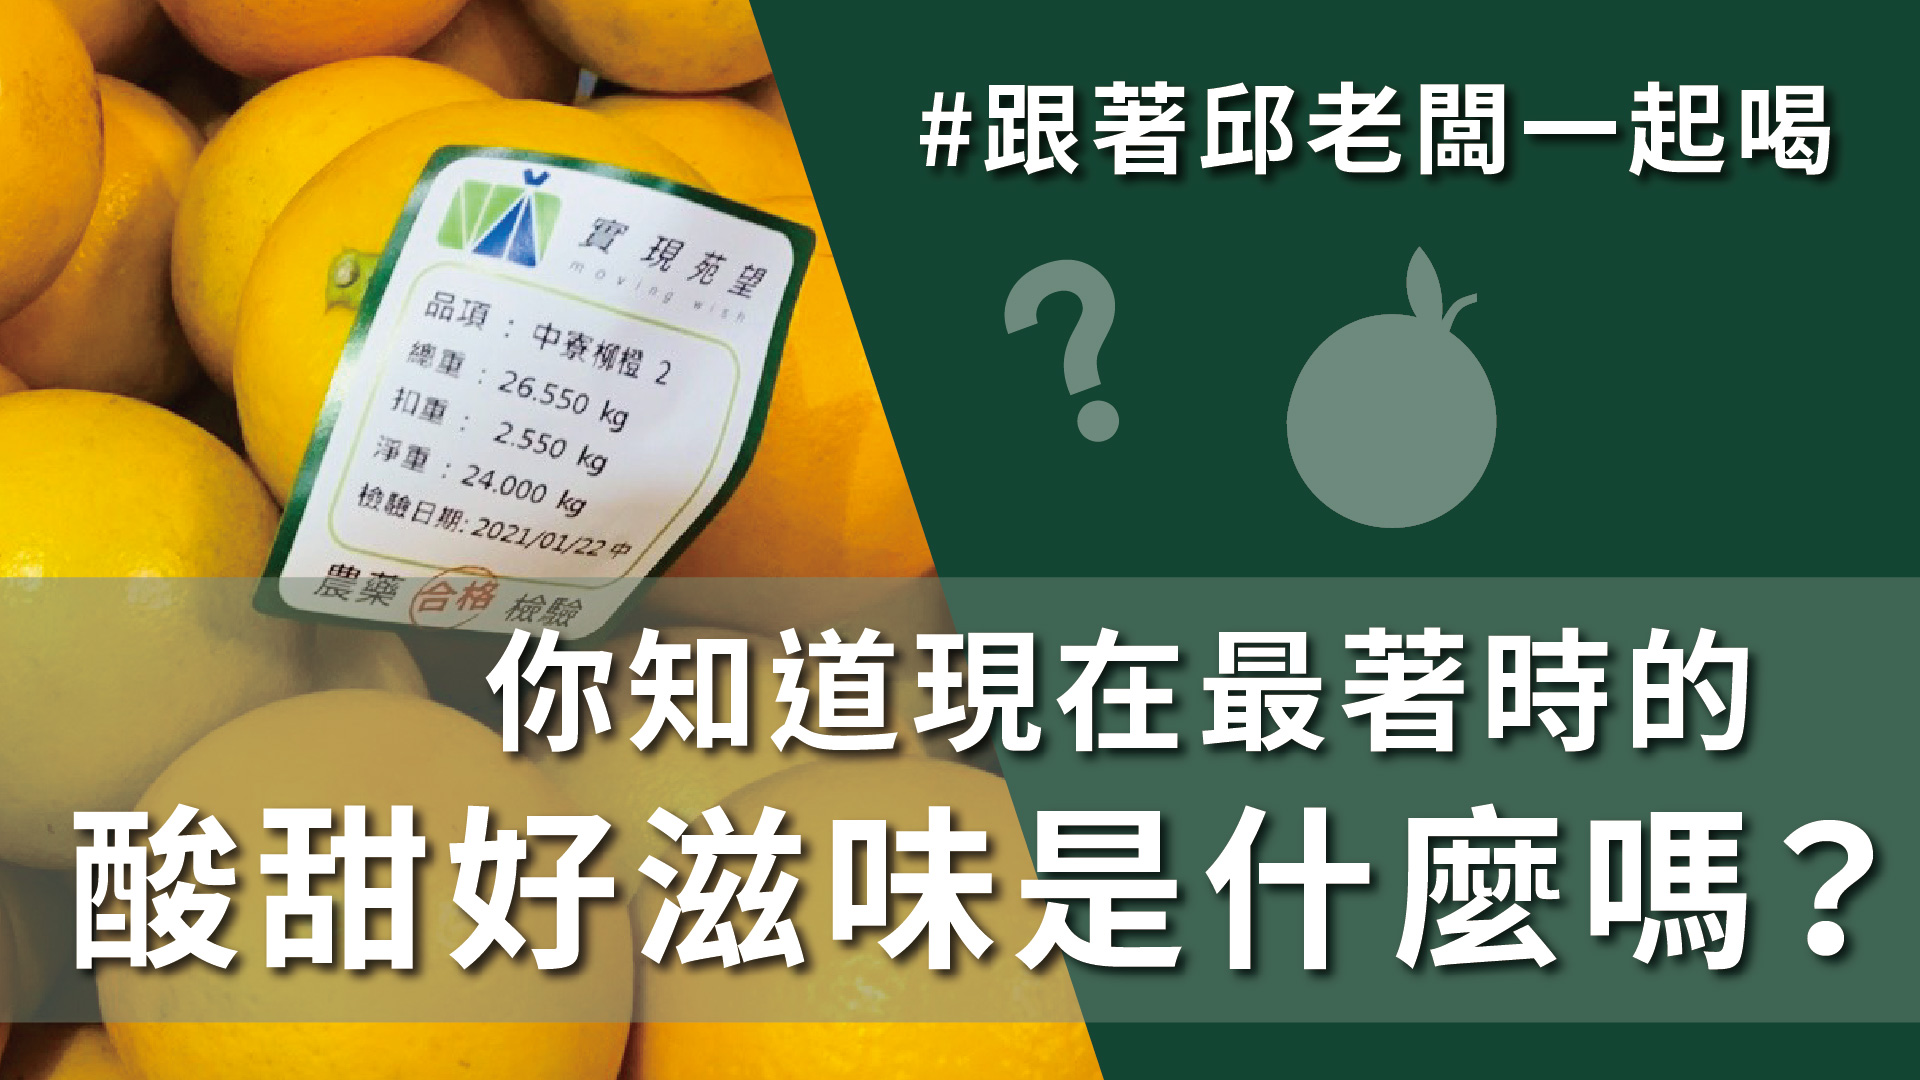 飲料控喝起來! 台灣鮮搾柳橙綠,最清爽順口的口感!#1月24日 #DAY133